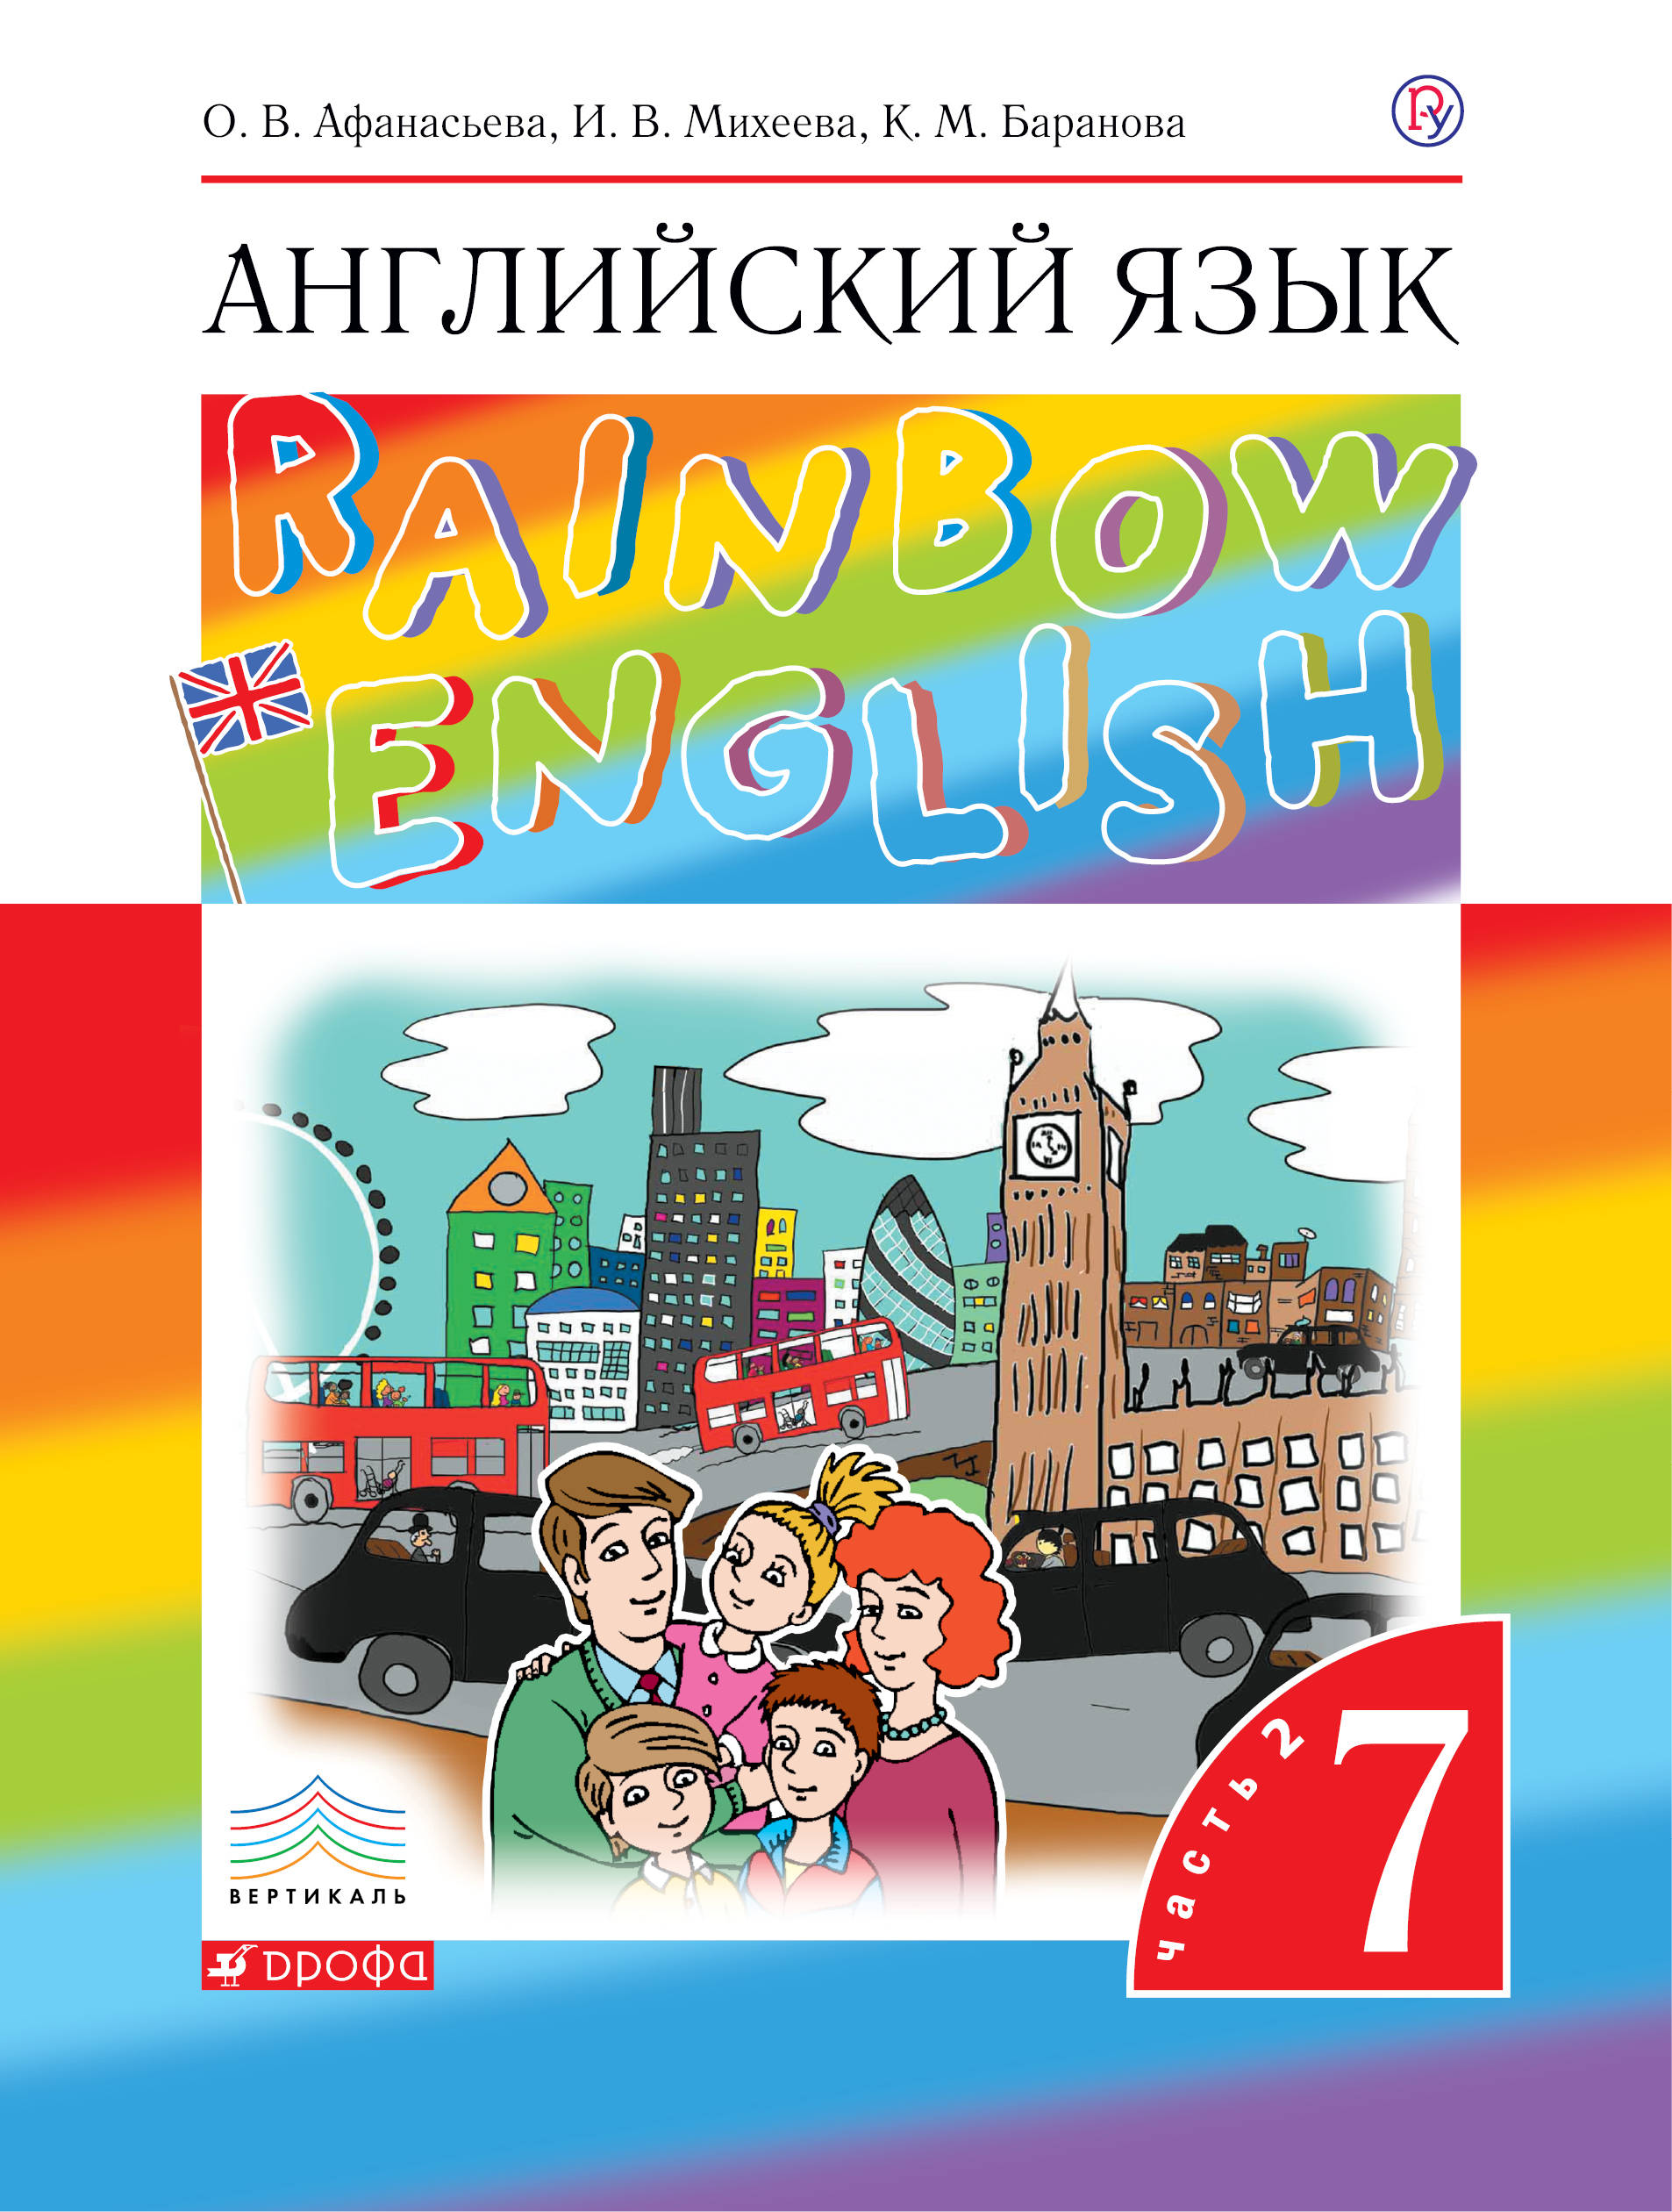 О. В. Афанасьева,И. В. Михеева,К. М. Баранова Английский язык. 7 класс. Учебник в 2-х частях. Часть 2